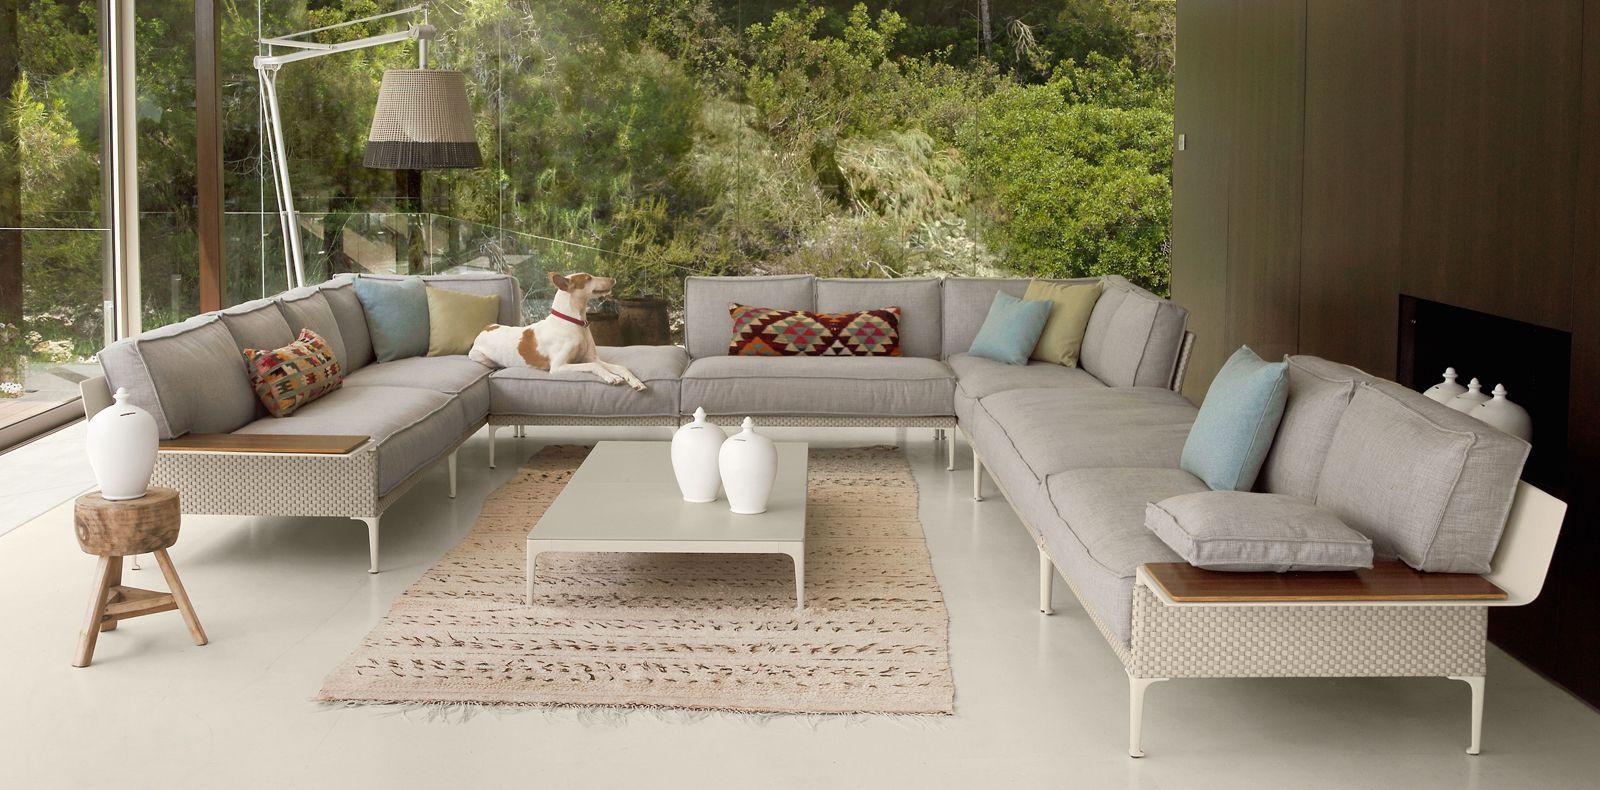 architecte d 39 int rieur biarritz anglet bayonne moblier contemporain. Black Bedroom Furniture Sets. Home Design Ideas